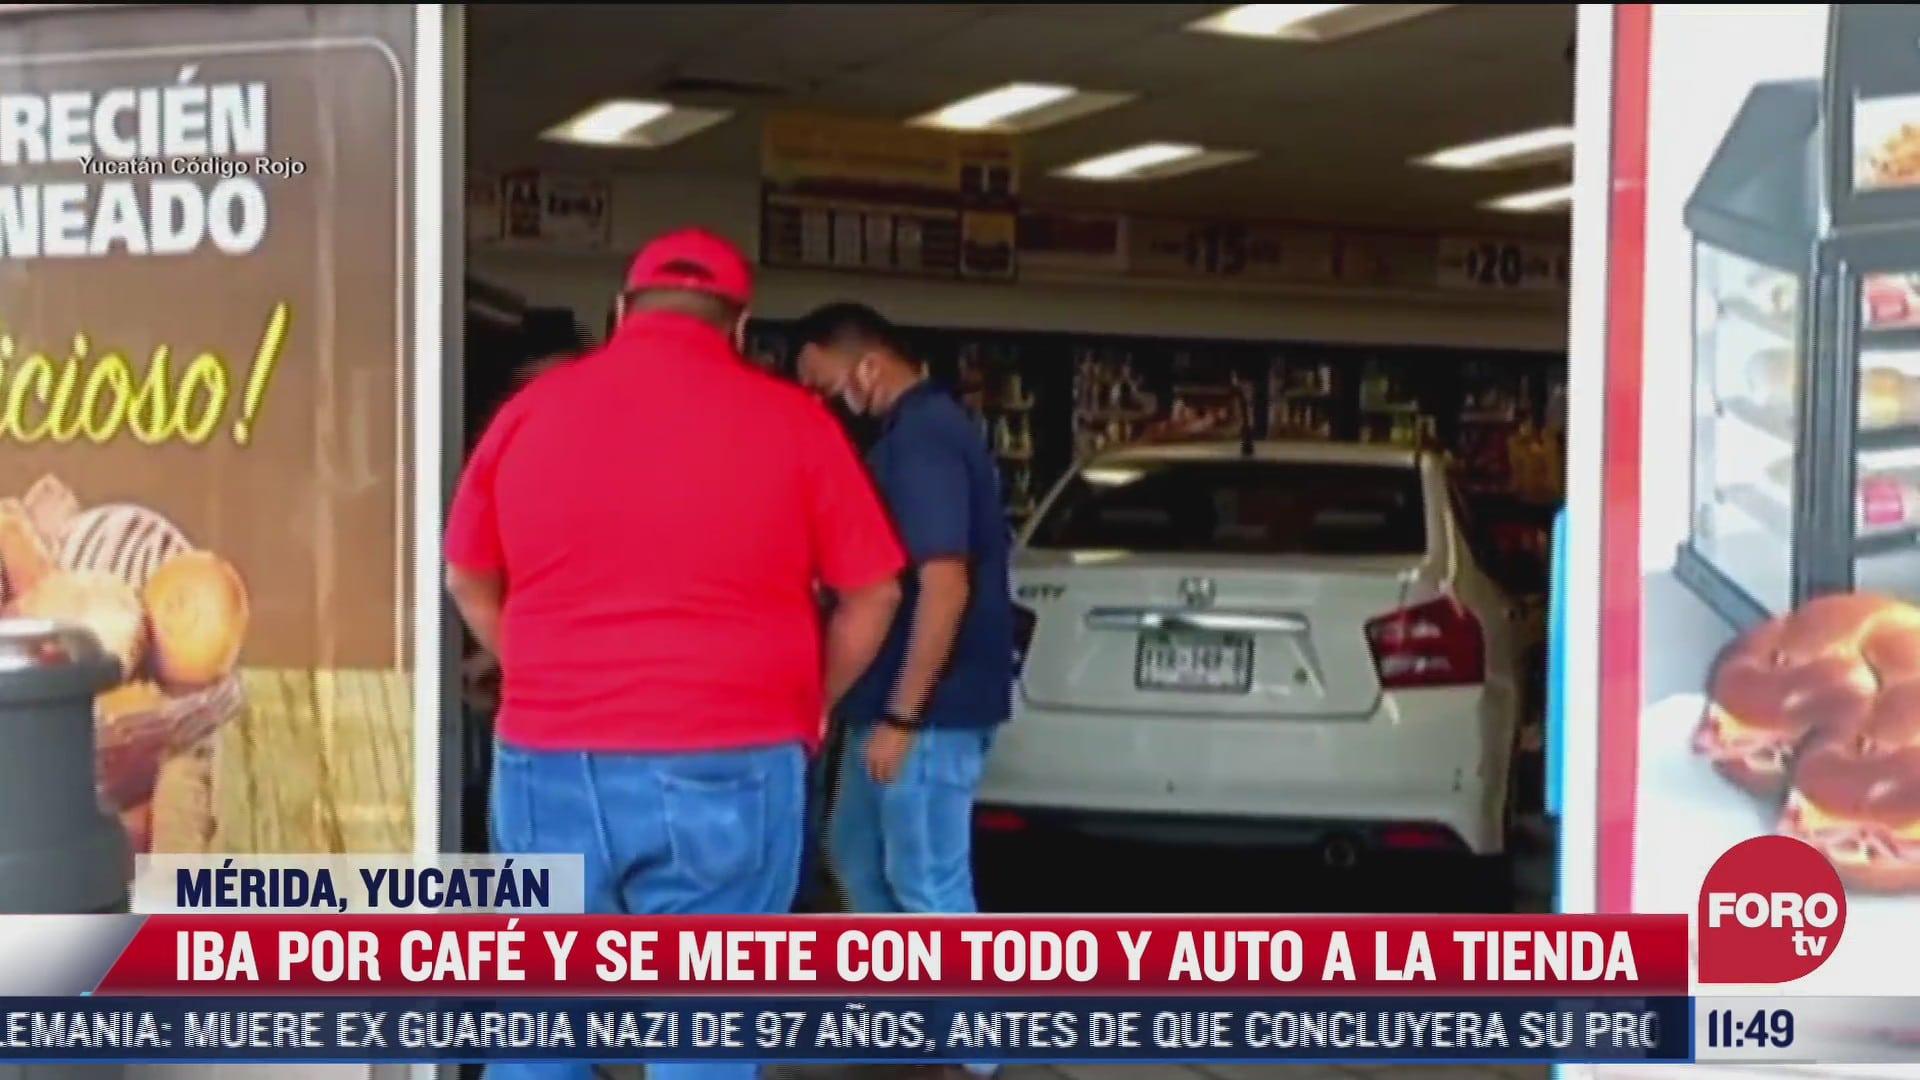 conductor entra a tienda con todo y auto